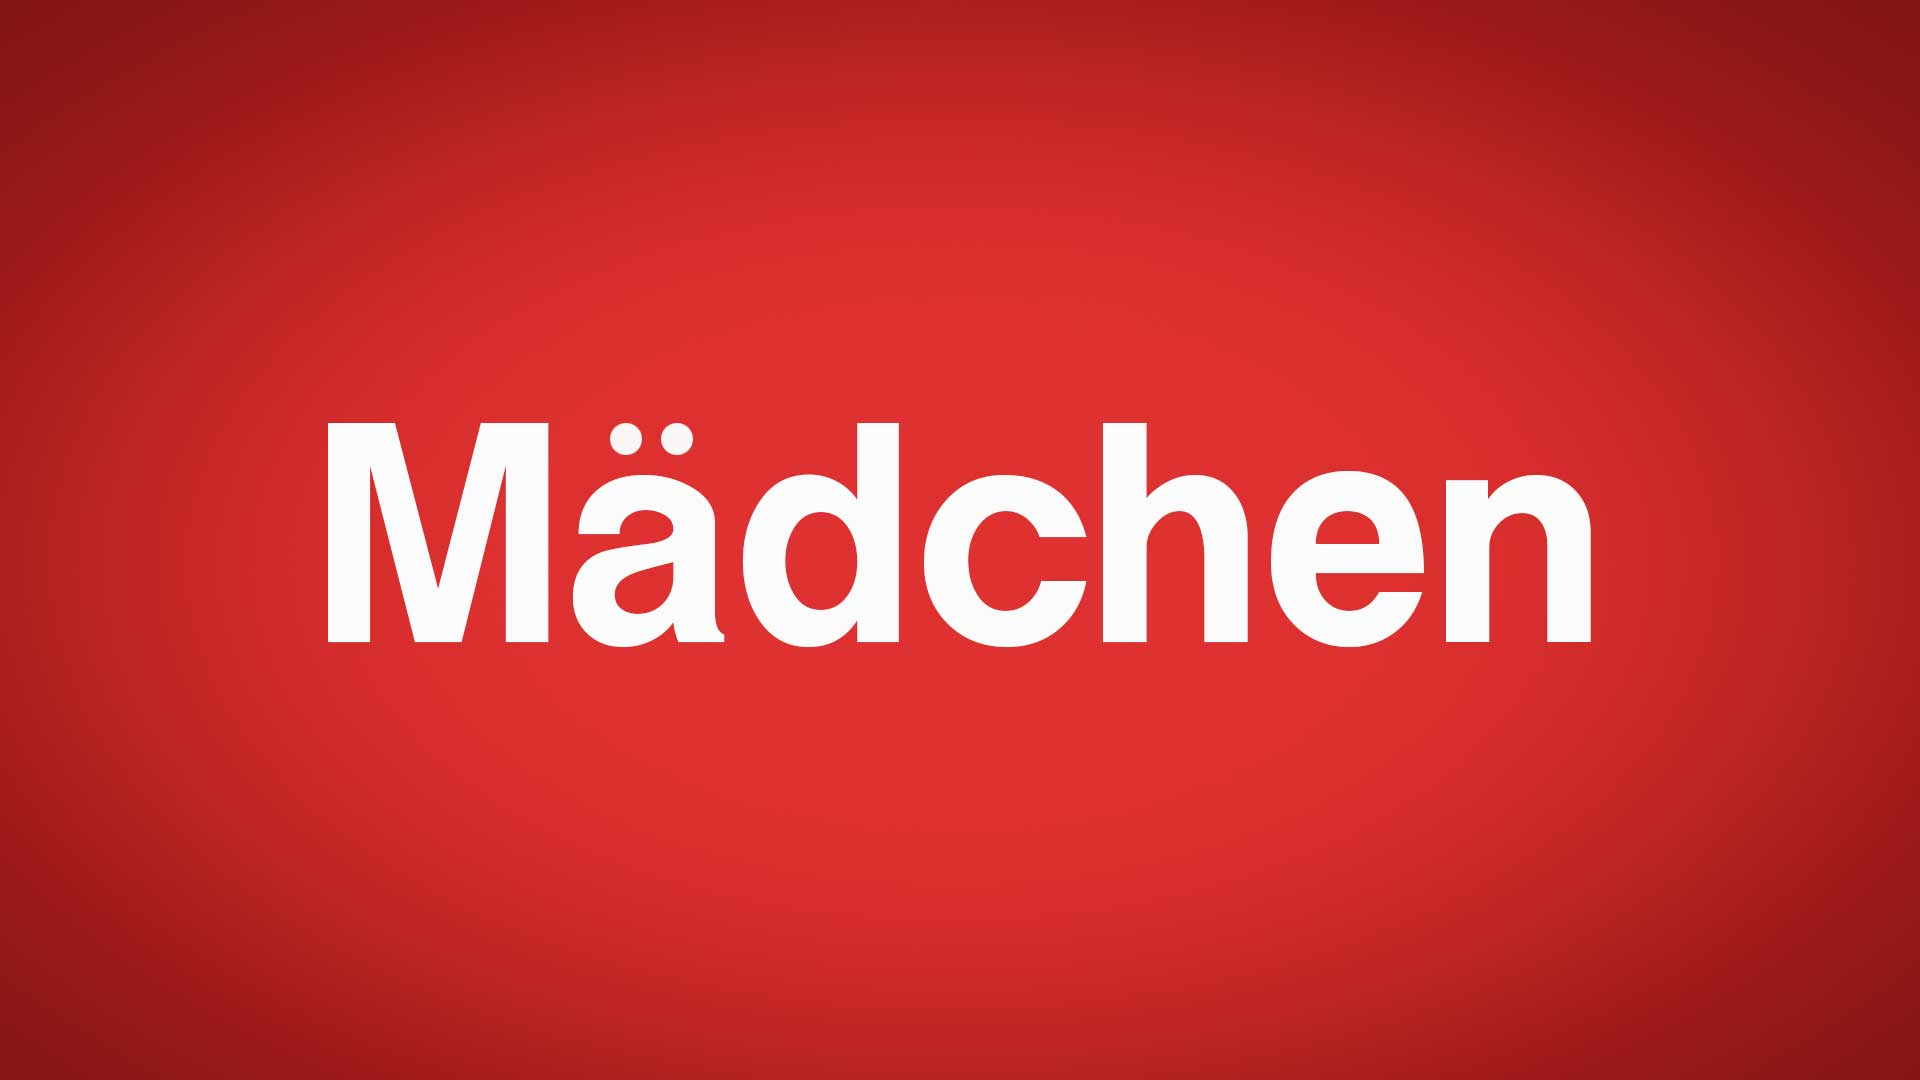 Maedchen_Clicker